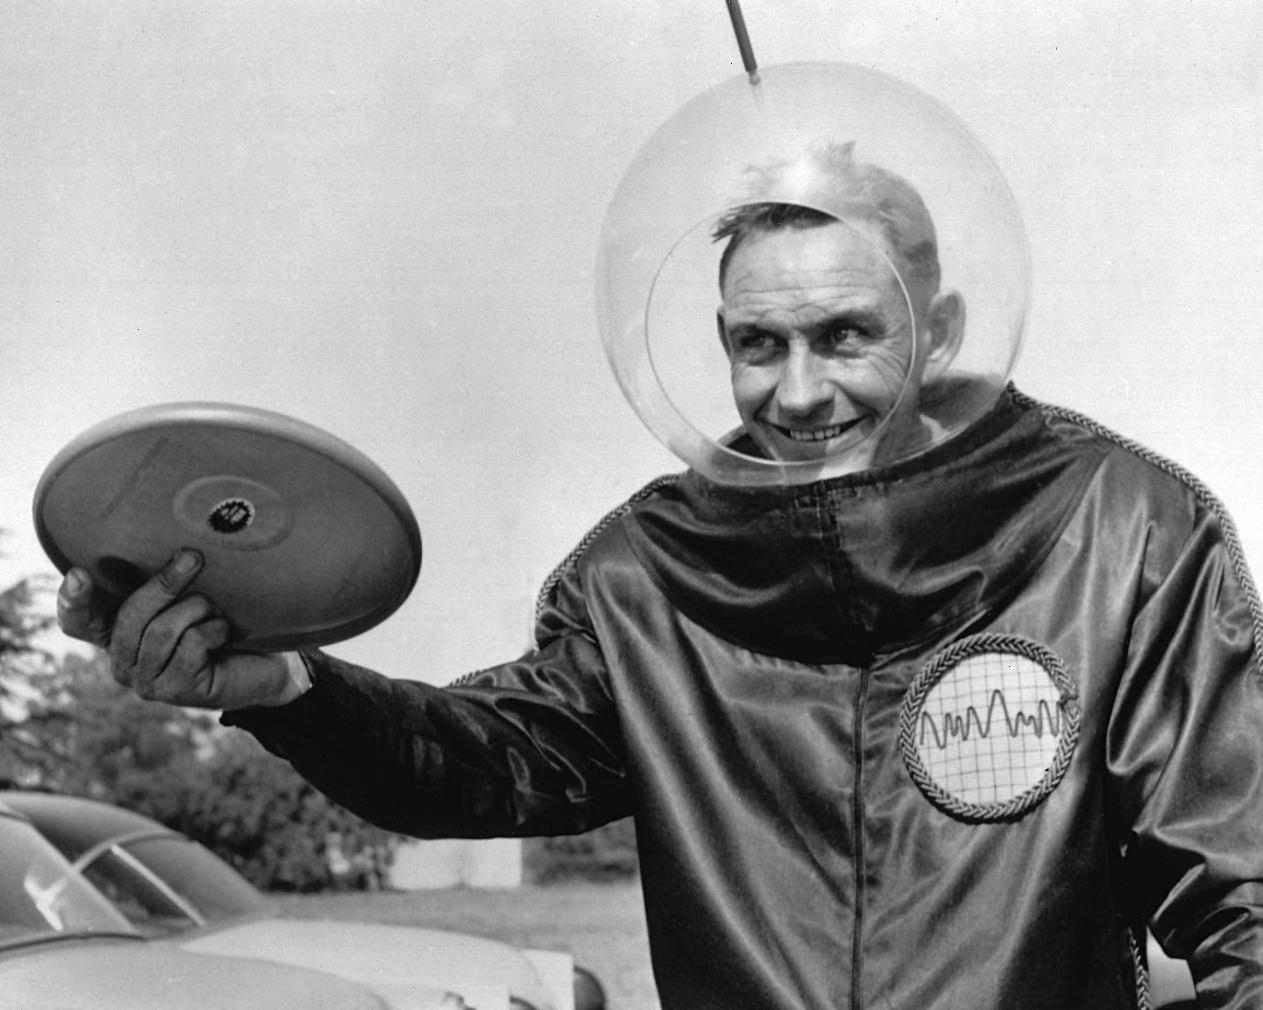 Walter Morrison's Pluto Platter